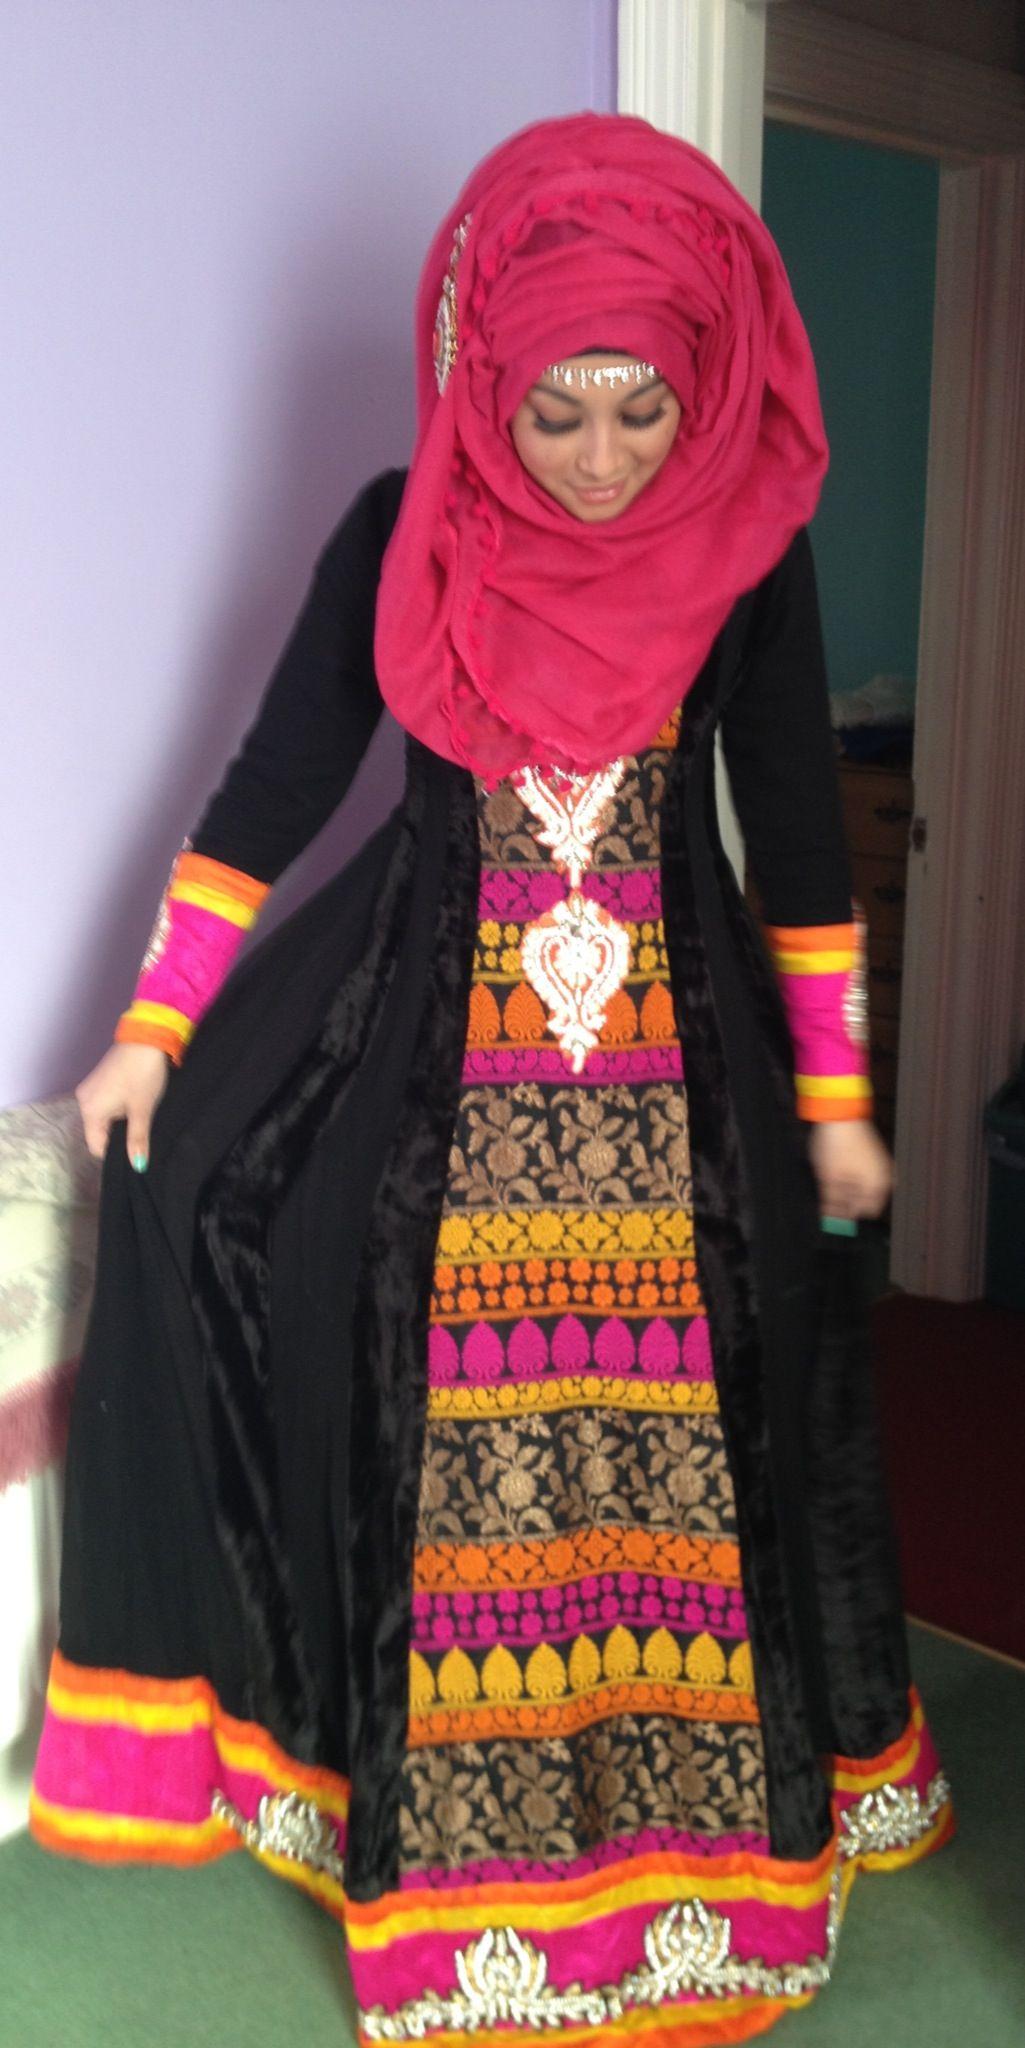 Všeč mi je ta videz, ampak zakaj nekatera dekleta nosijo hidžabe-4789